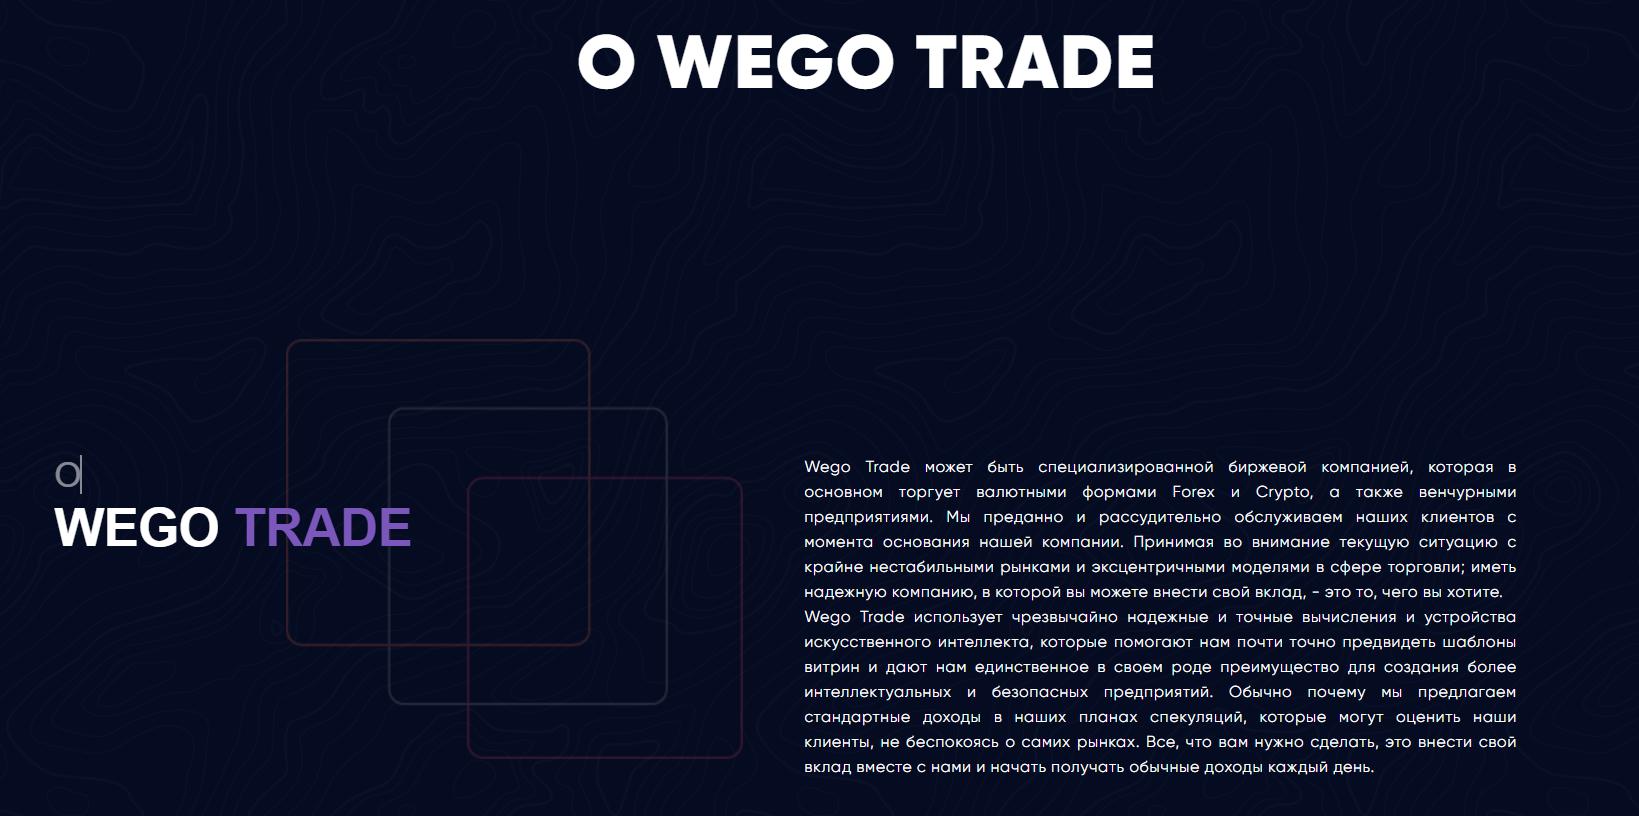 Отзывы о Wego Trade, реальные сведения о компании — Обман?